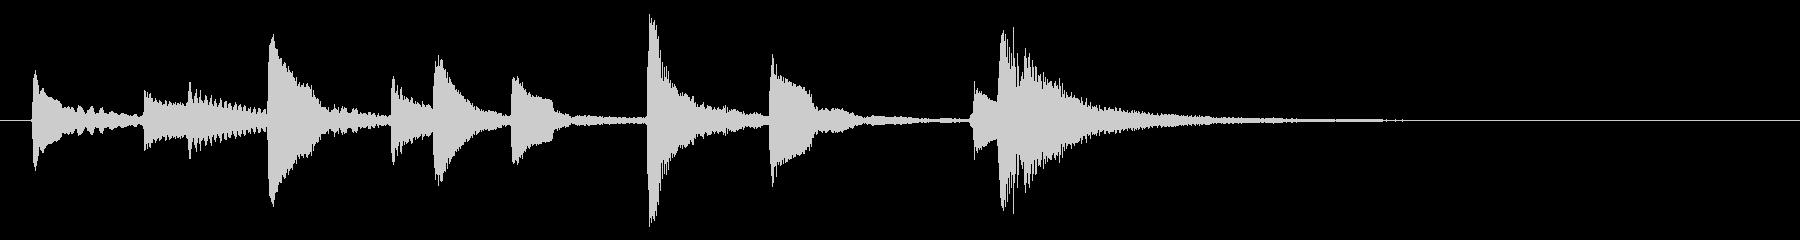 ウクレレハワイアンフレーズ4の未再生の波形